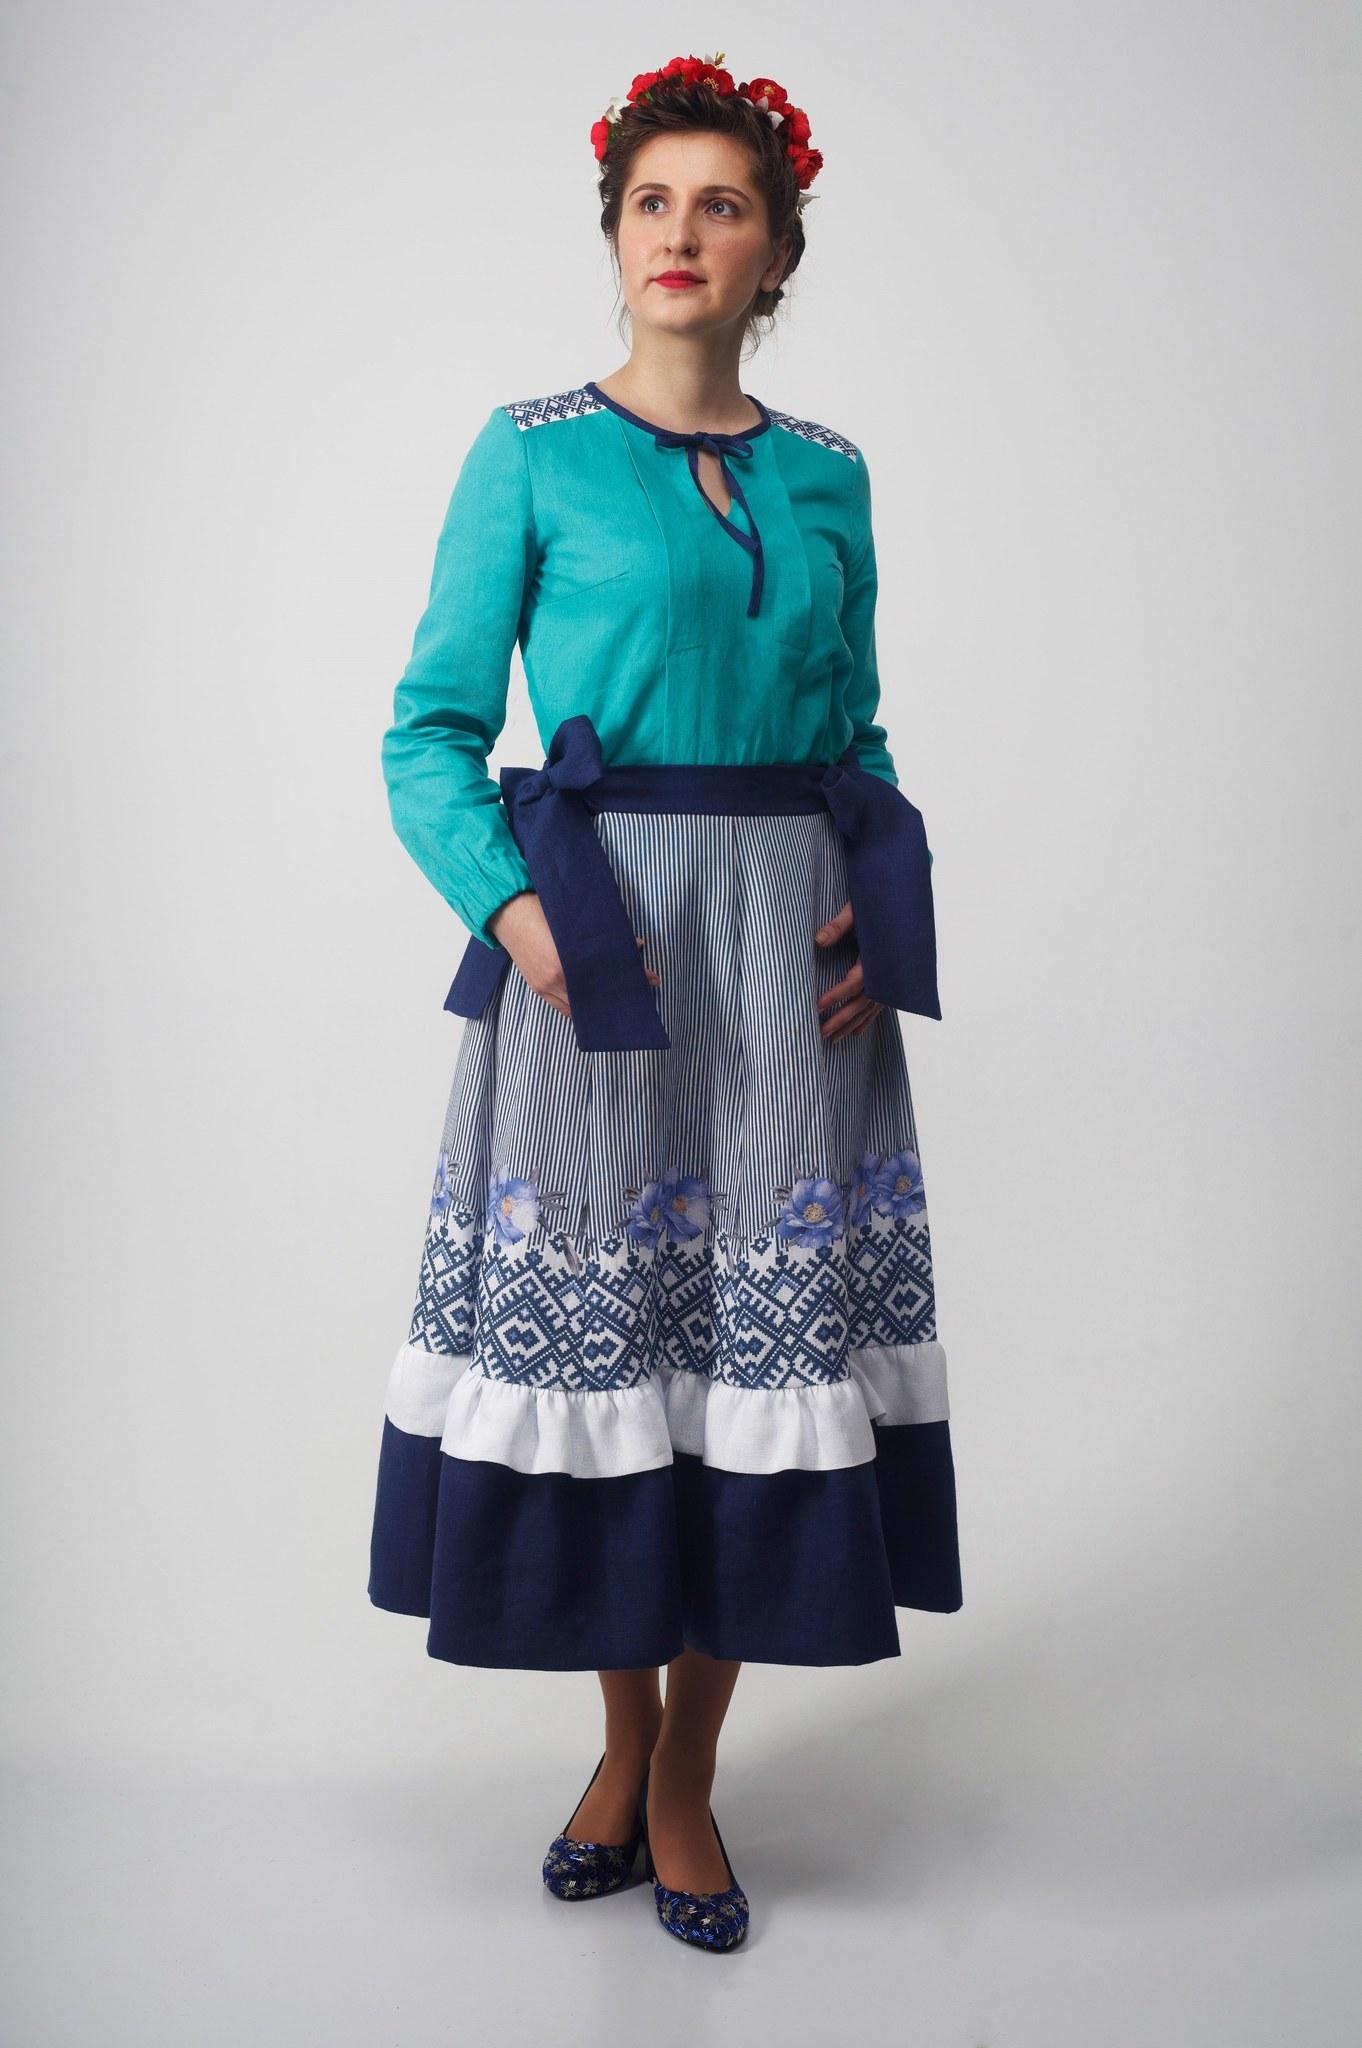 Блуза Самоцветы бирюза полный рост с юбкой Хозяйка тайги